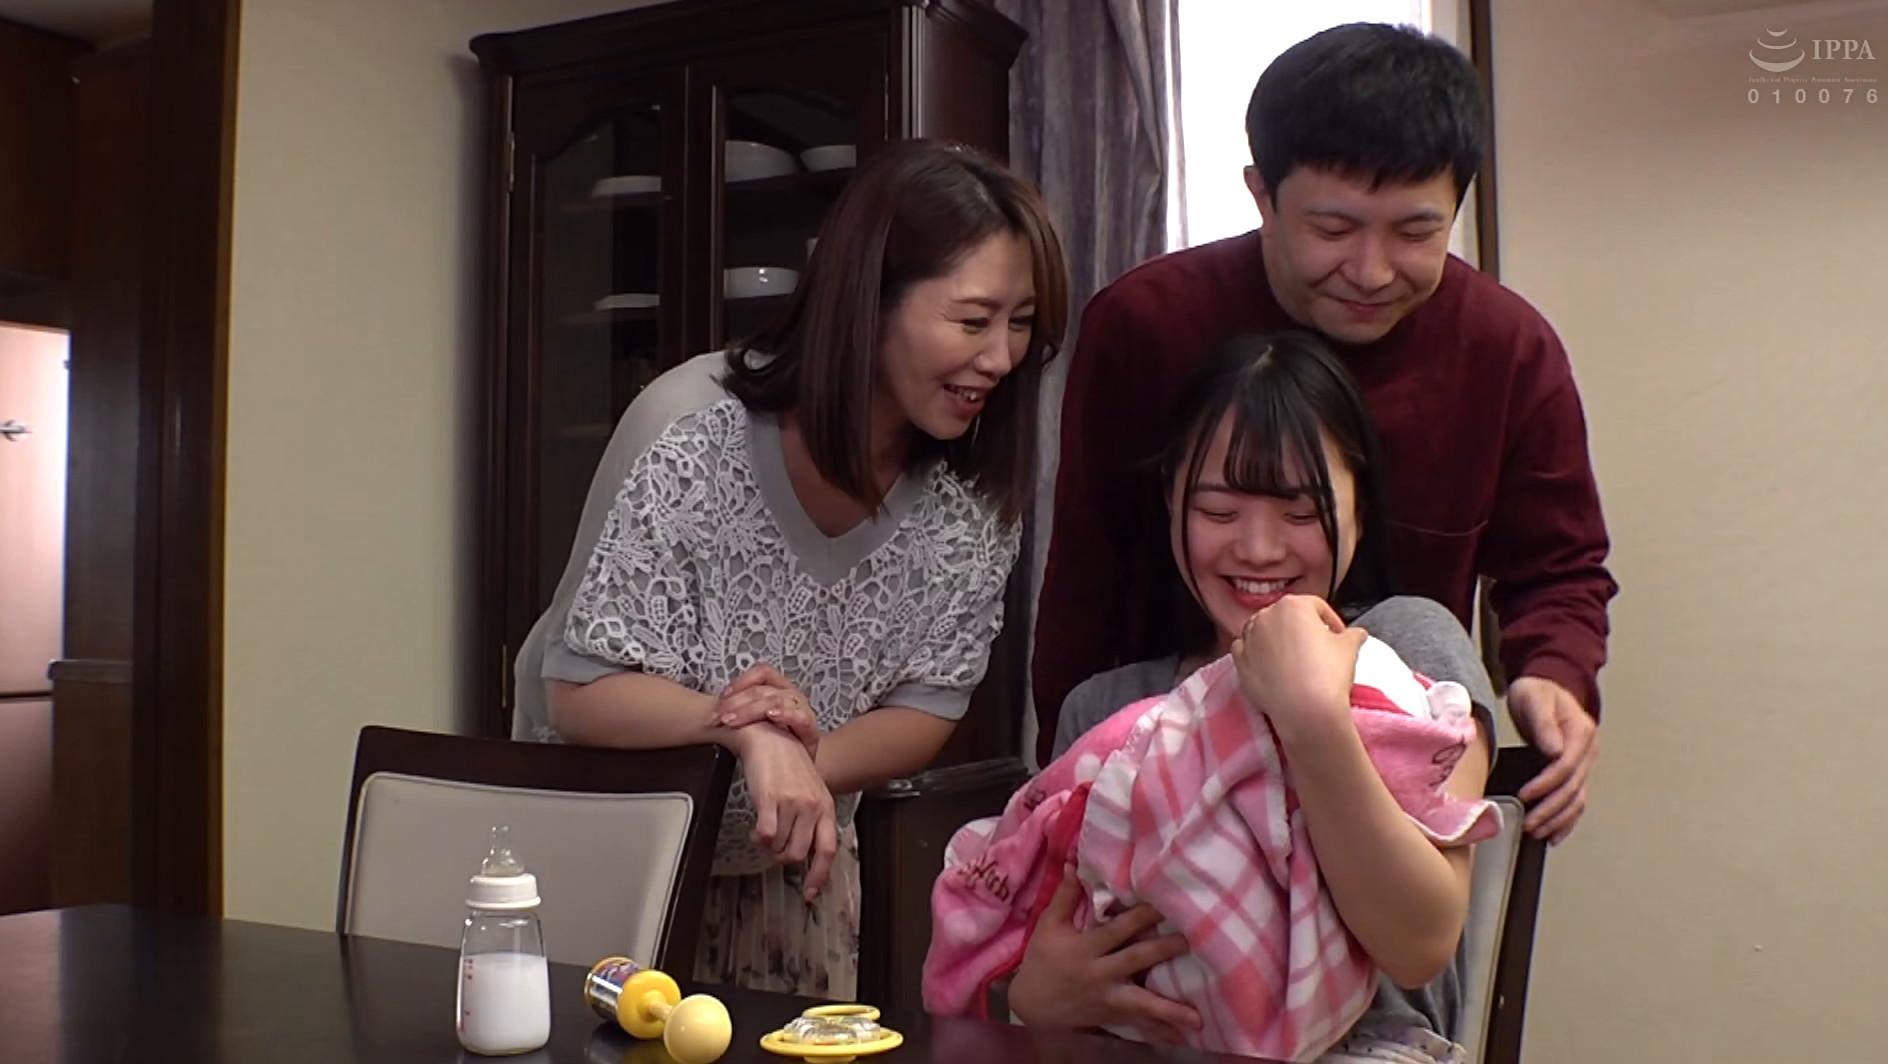 あの時、お義母さんに誘われて・・・ 翔田千里,のサンプル画像16